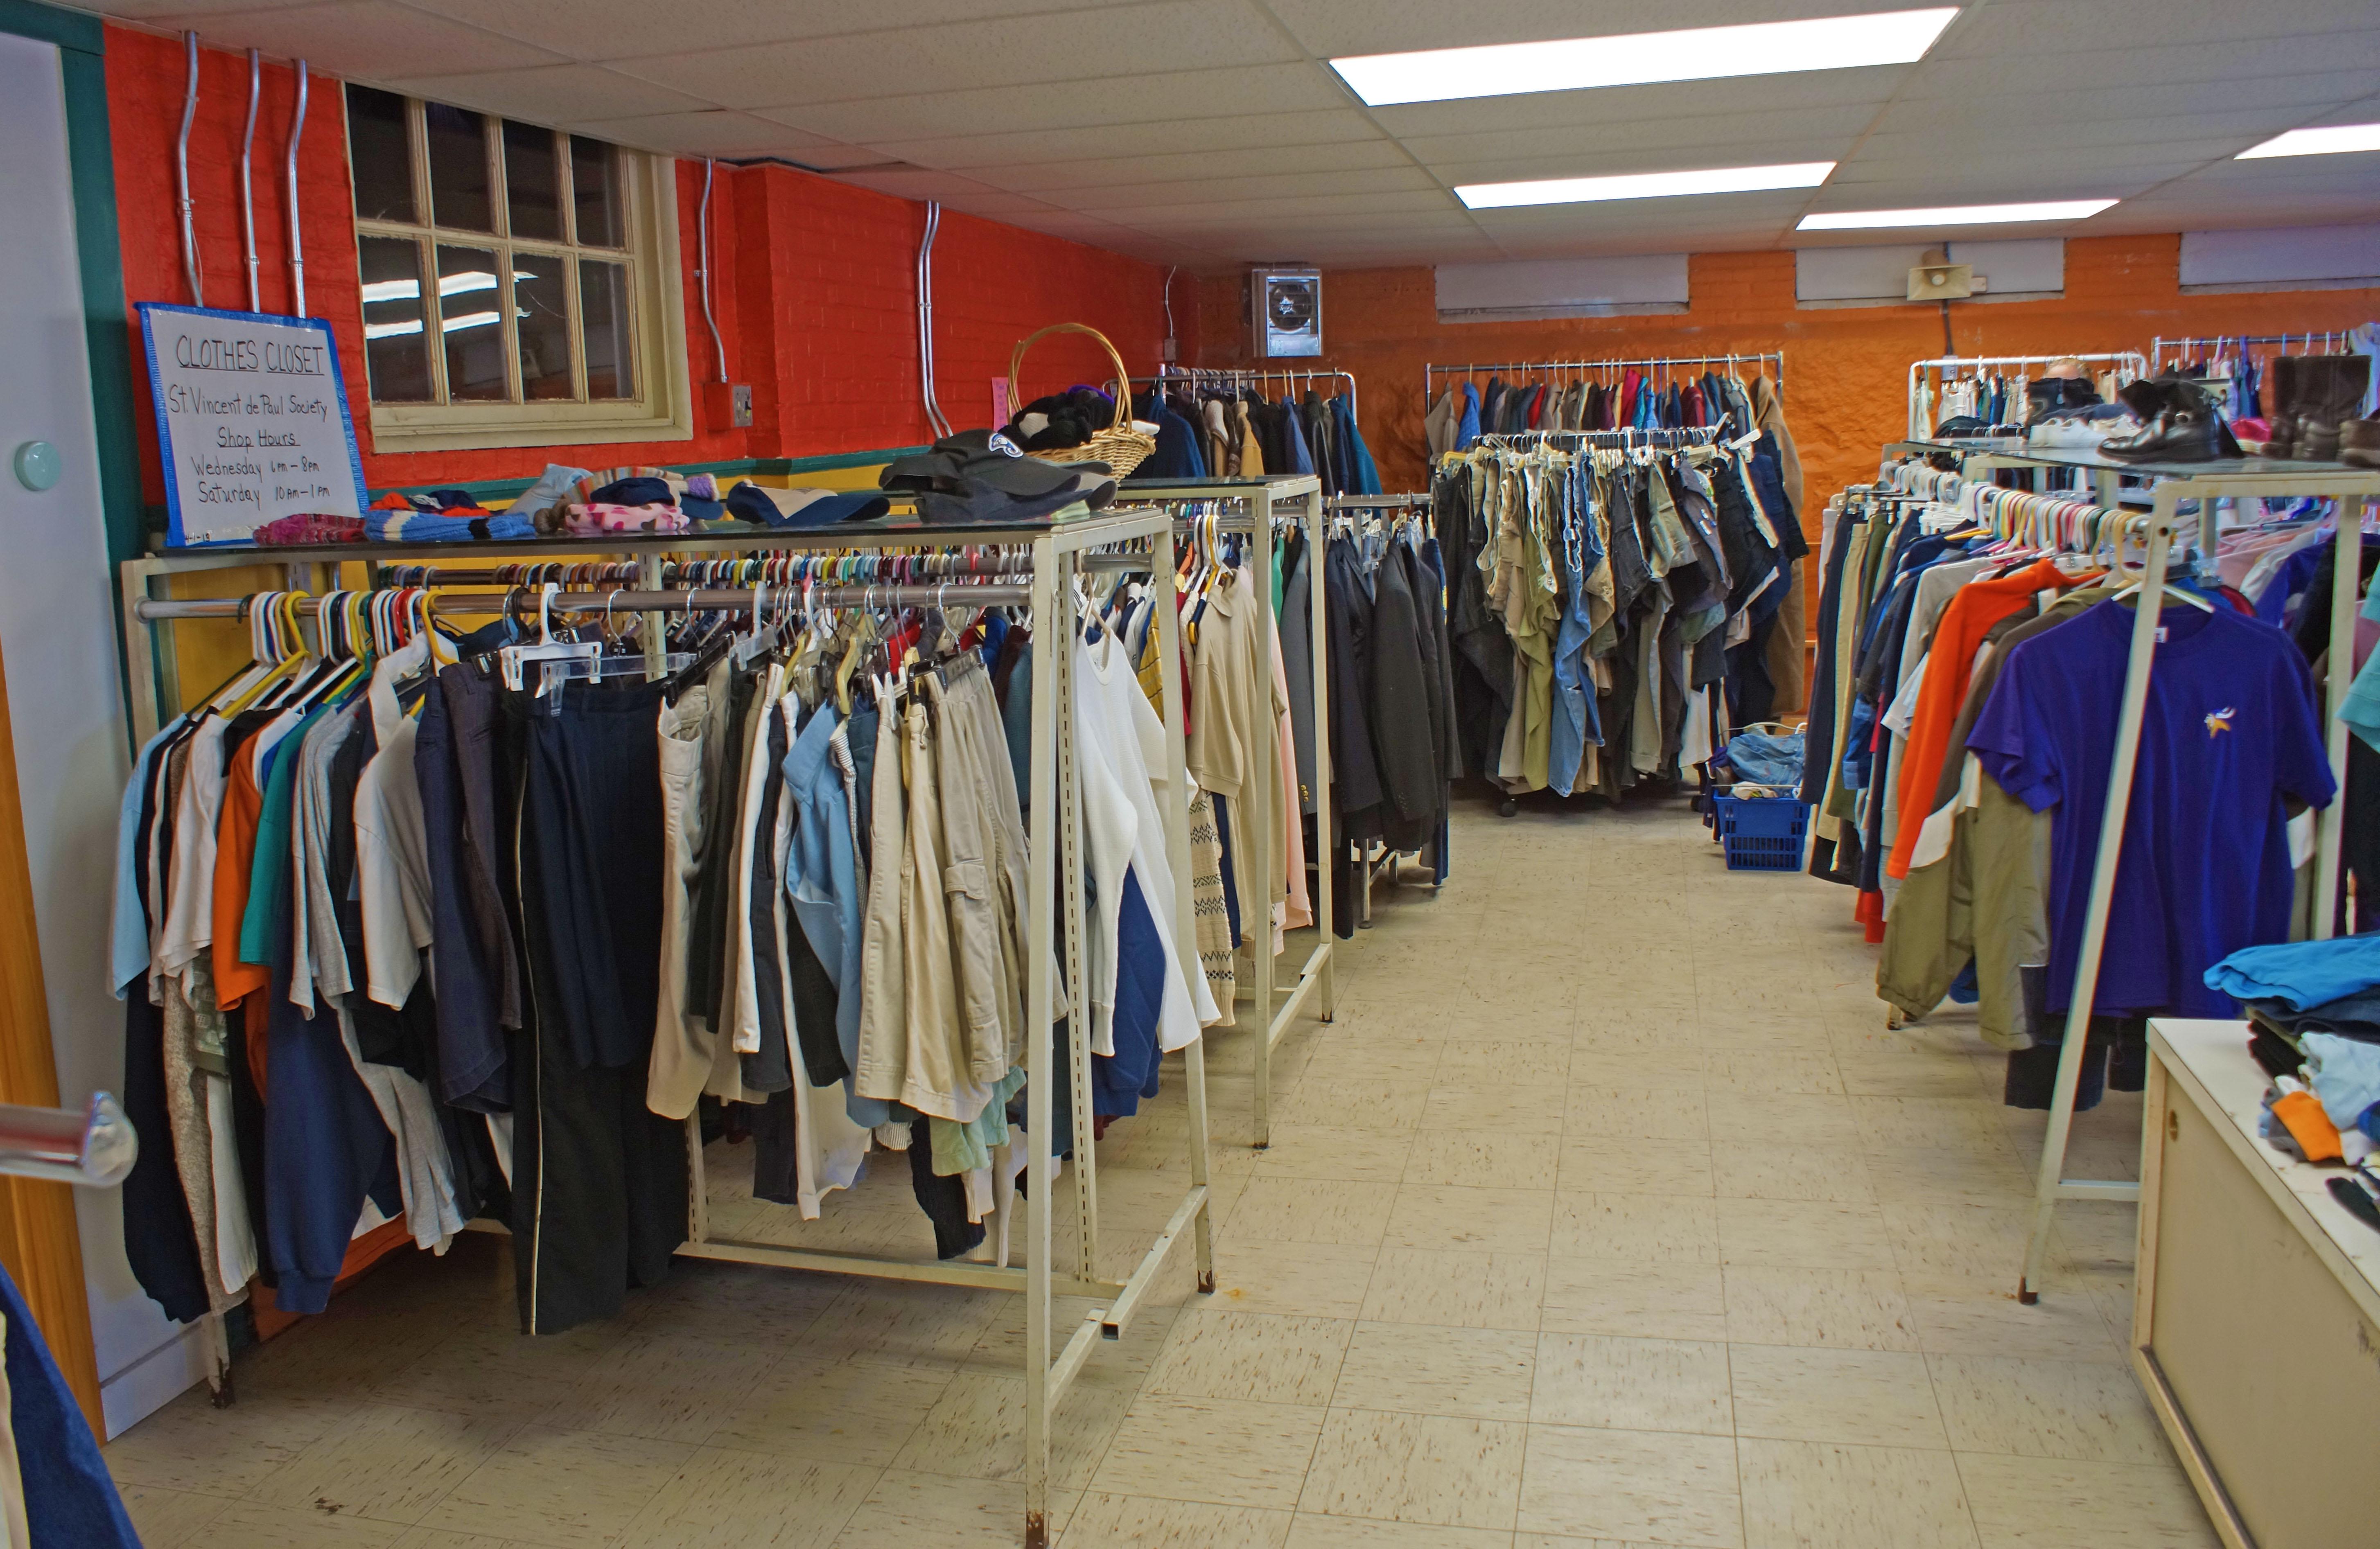 St Paul S Clothes Closet